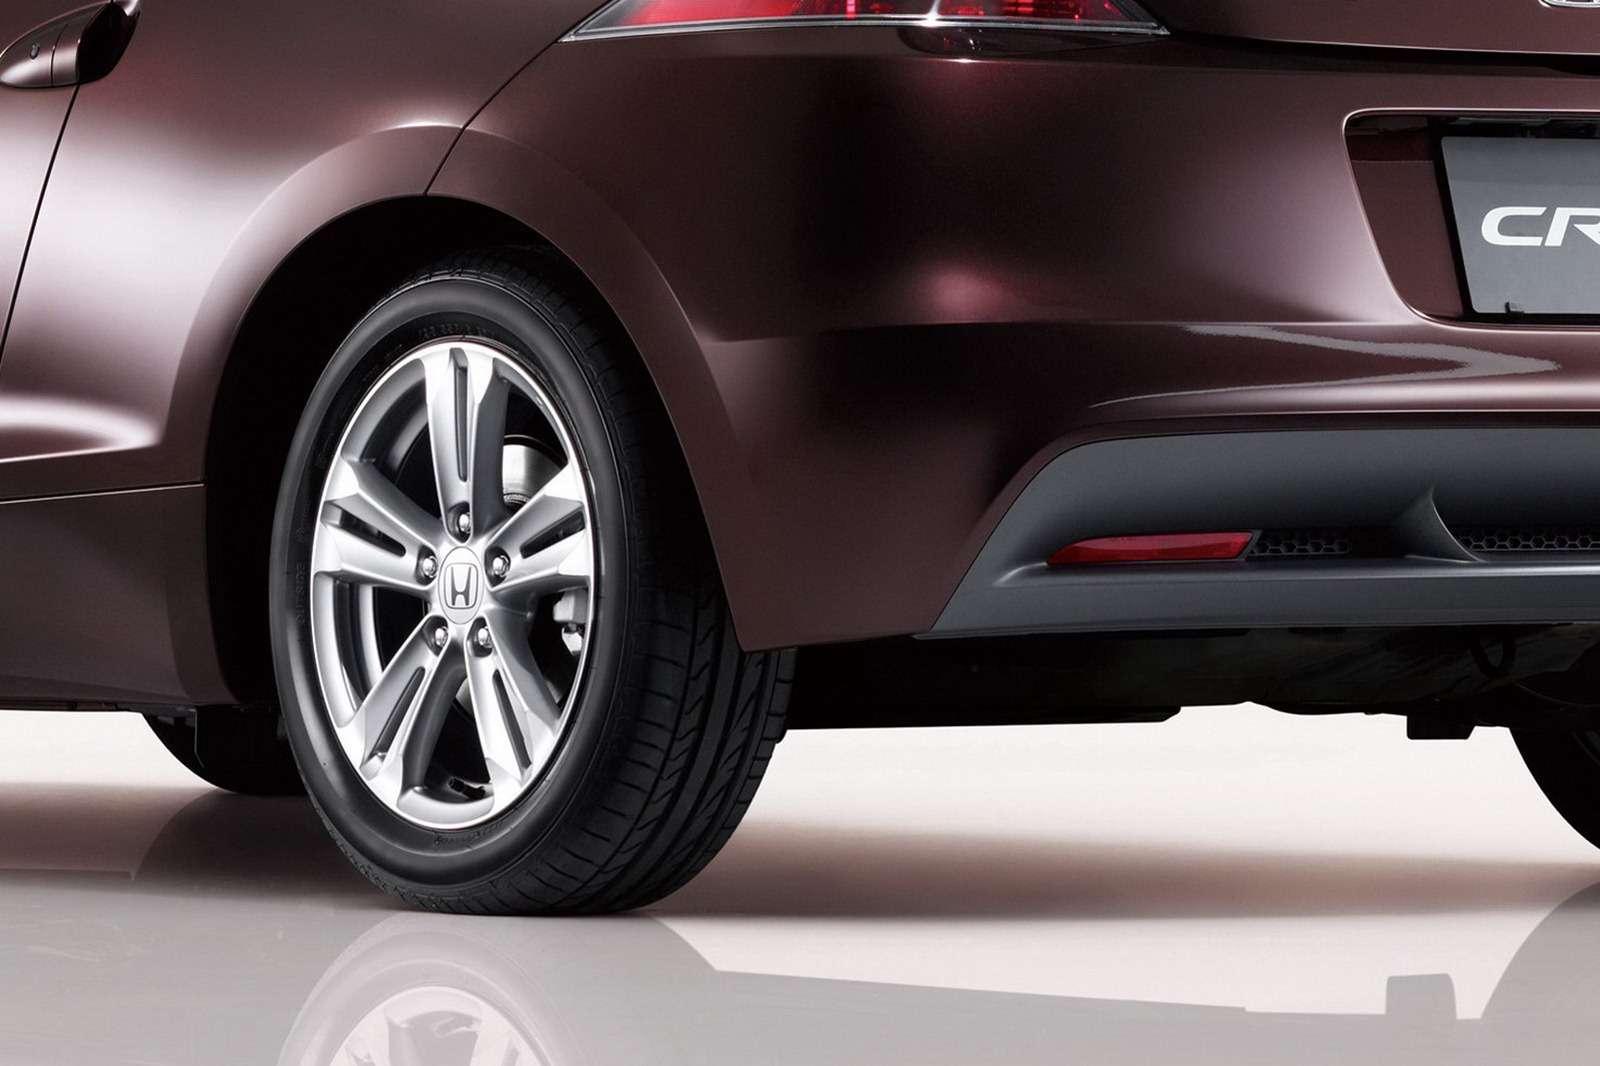 Honda CR-Z limitowana edycja styczen 2012